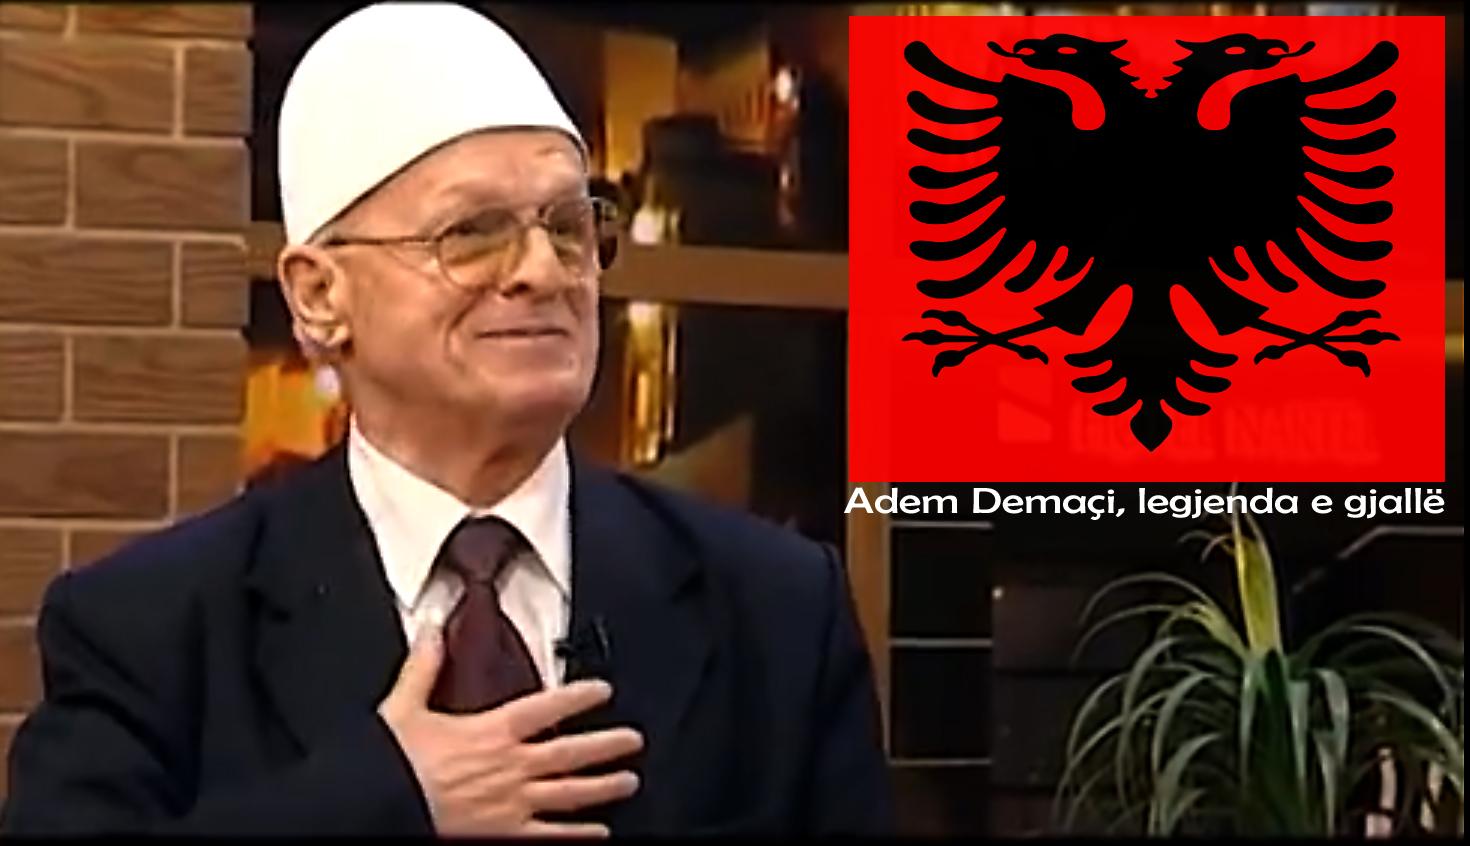 Adem Demaçi vdiq më 26 korrik 2018 në Prishtinë, Kosovë në moshën 82-vjeçare.